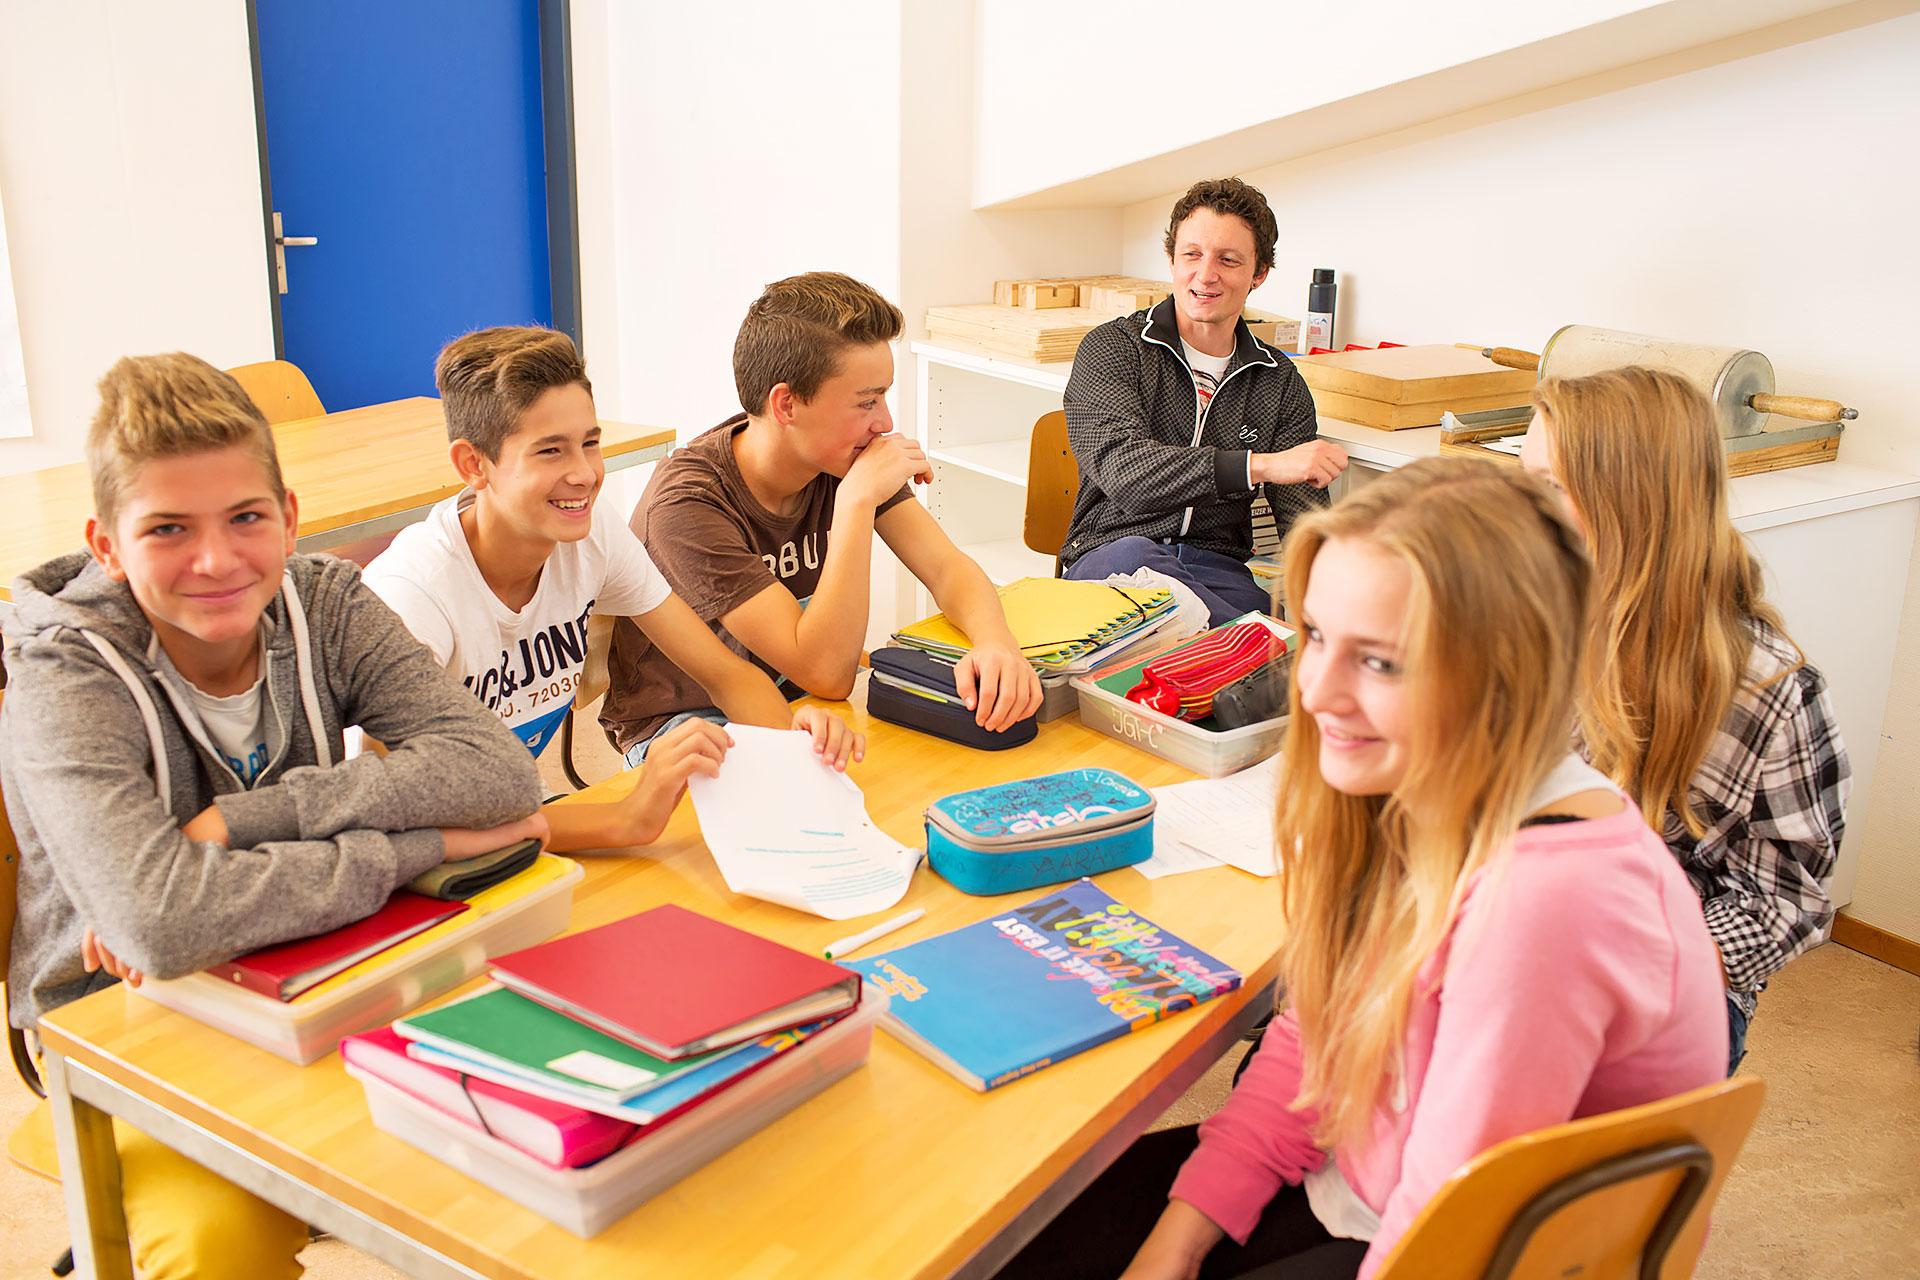 Schüler sitzen lachend am Gruppentisch